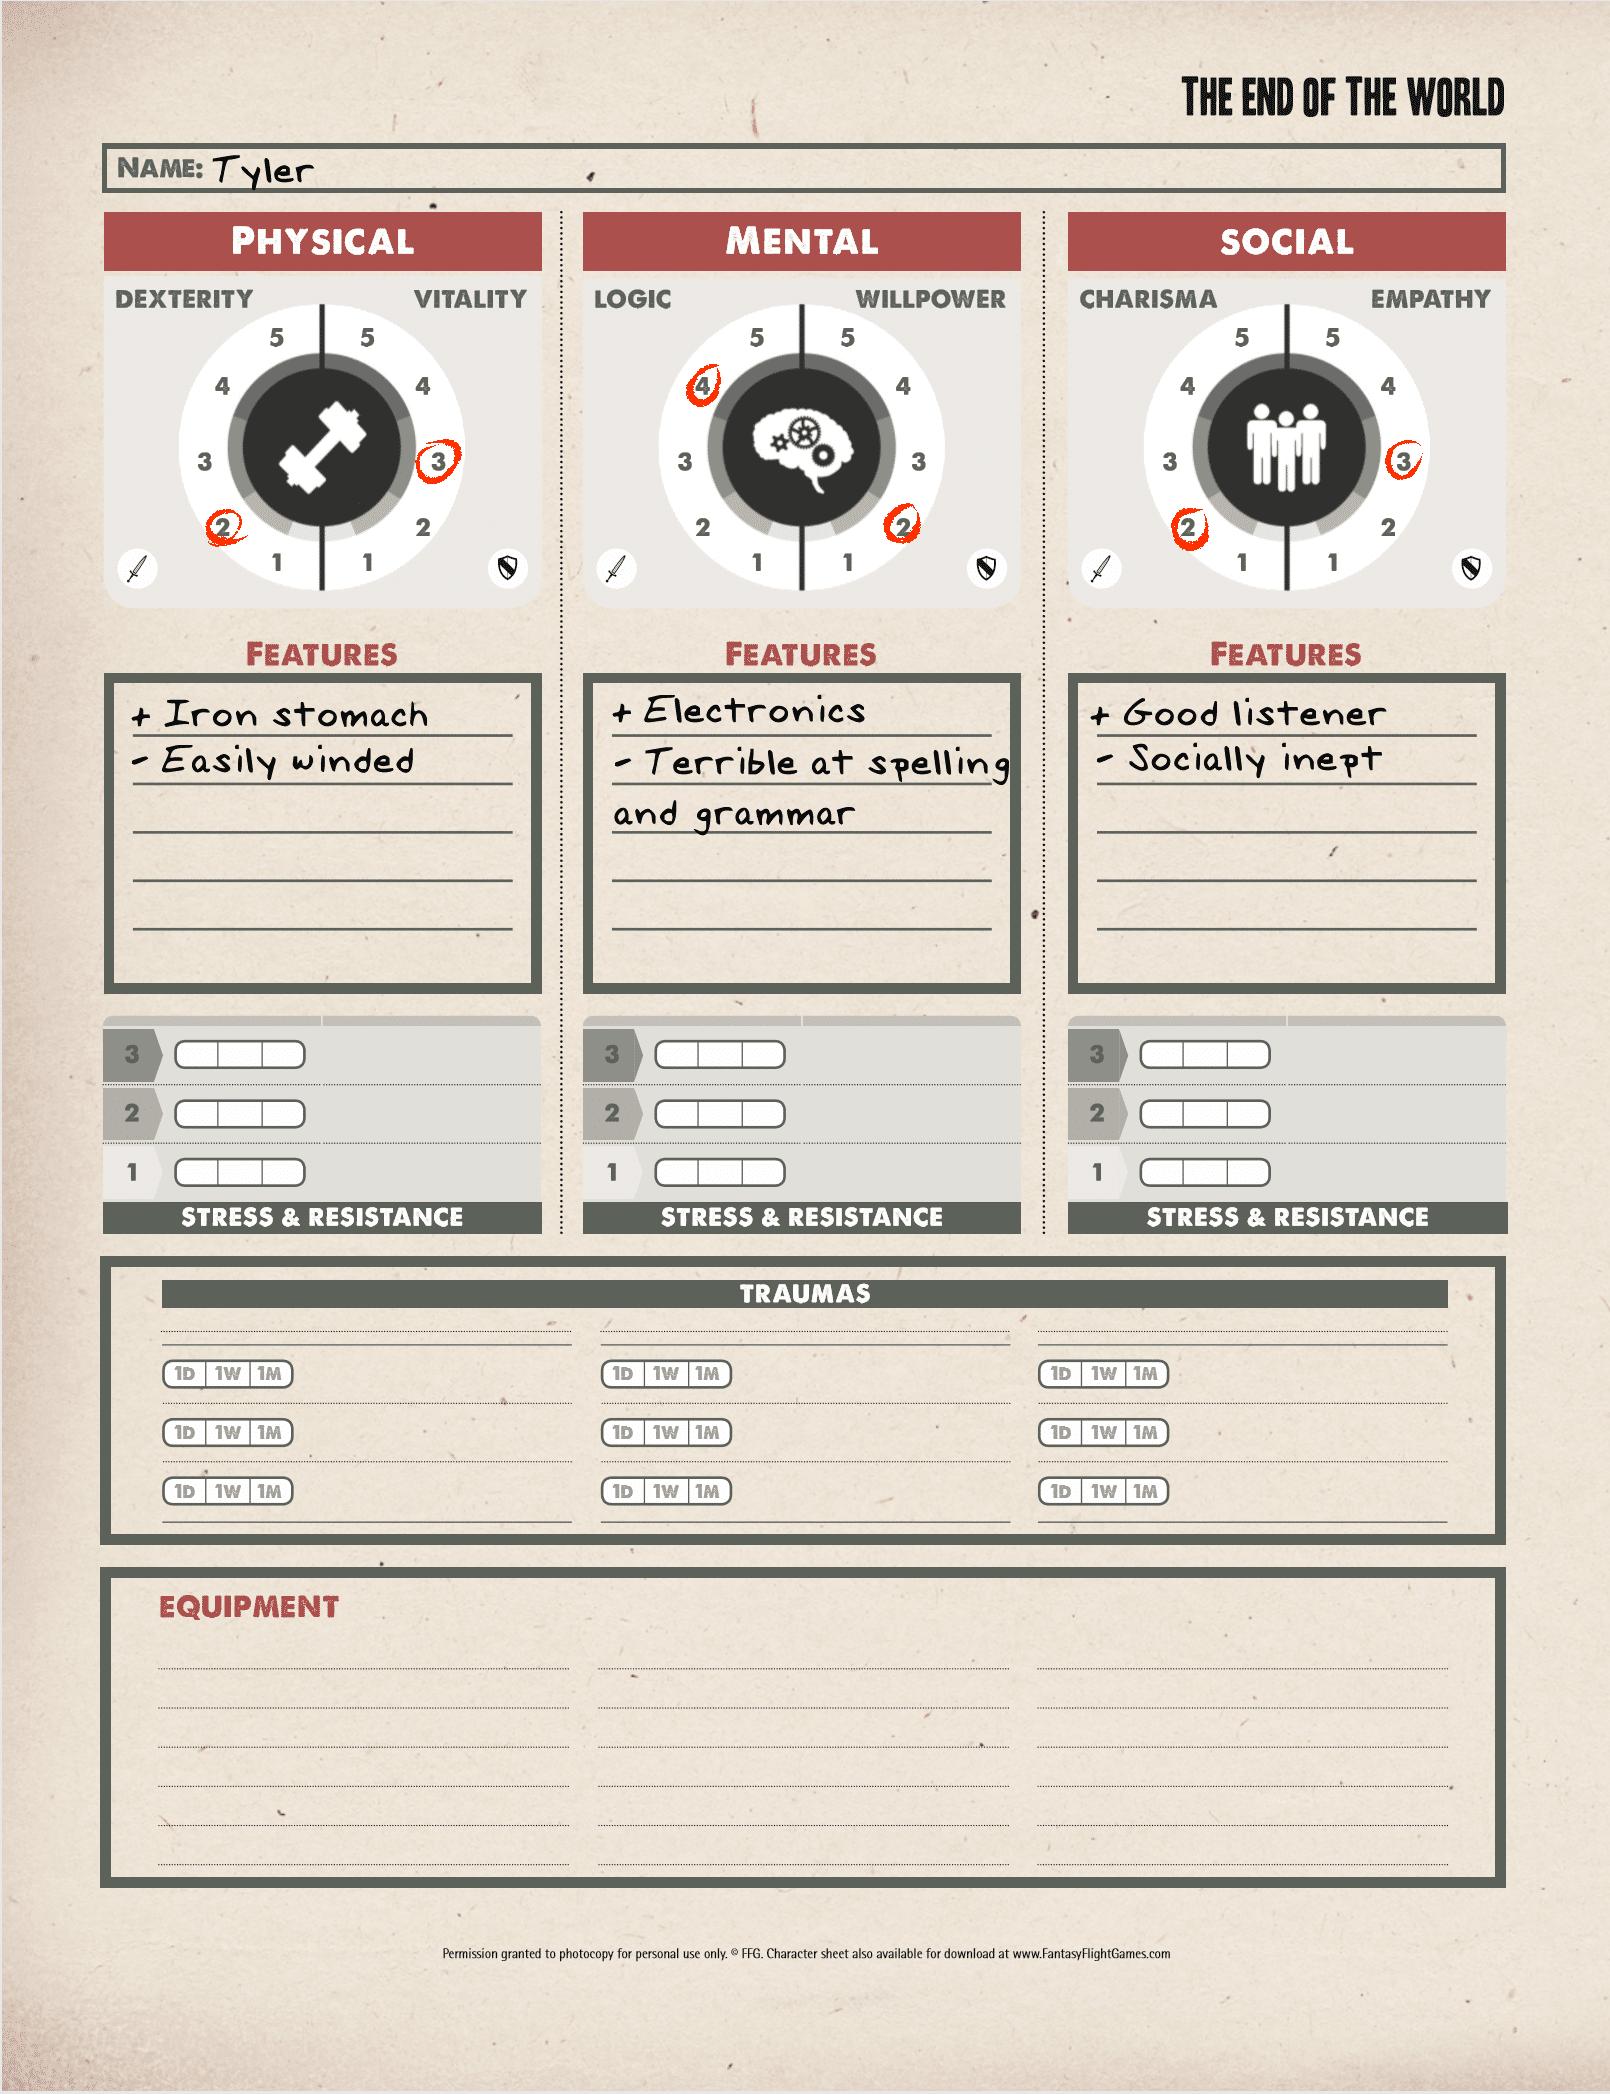 Character Sheet - Tyler